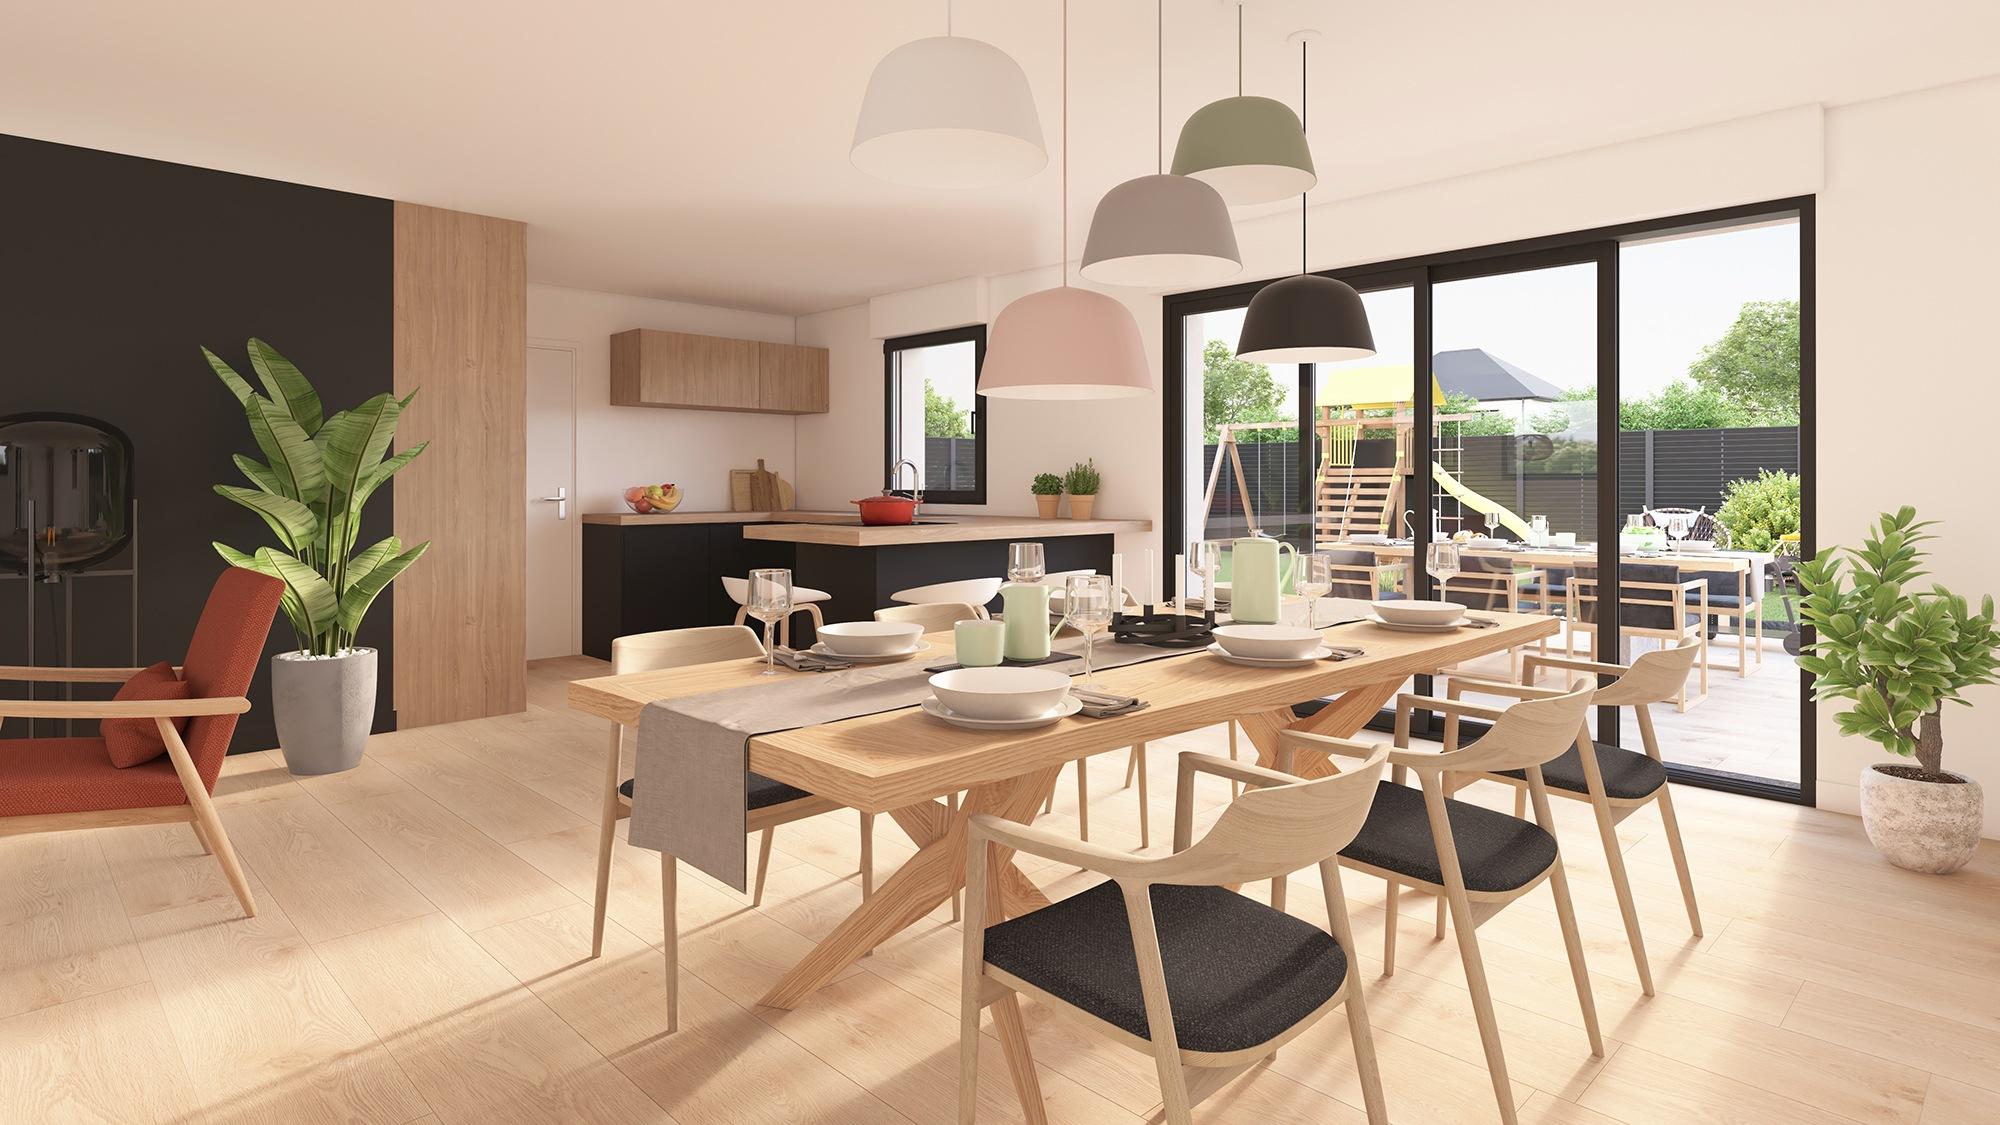 Decoratrice D Interieur Amiens votre maison + terrain à amiens (80)